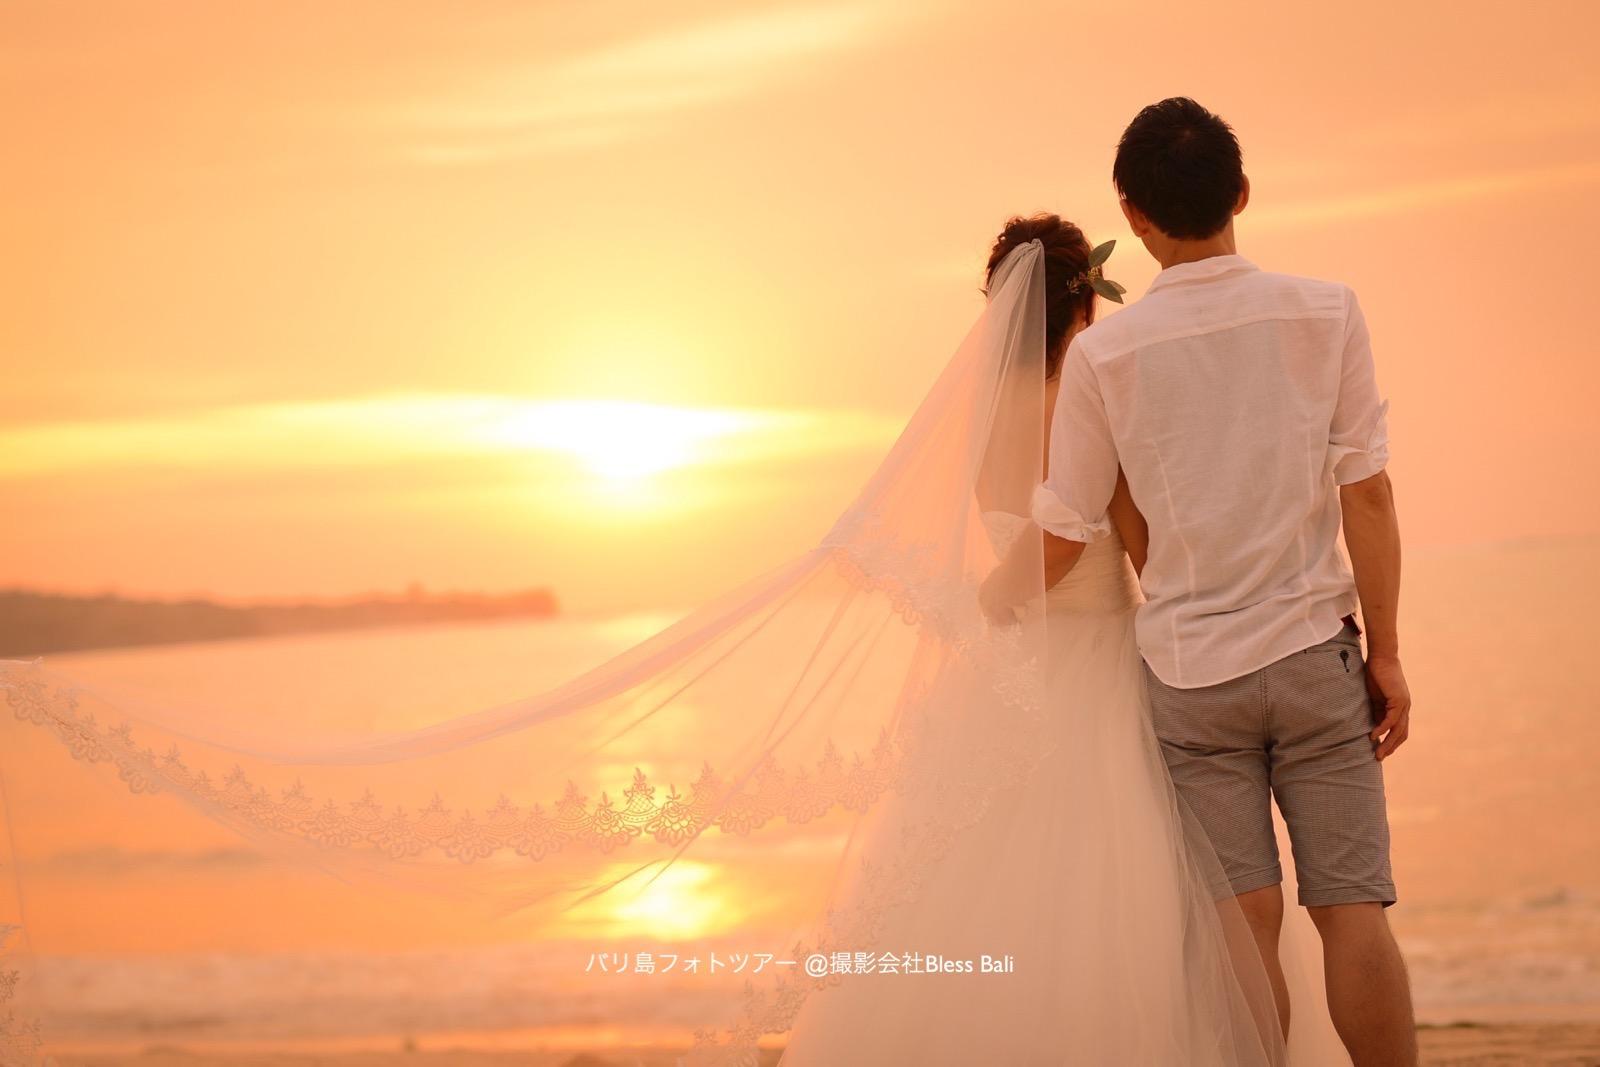 柔らかい夕日を見つめるお二人のお姿を繊細なヴェールをアクセントに撮影